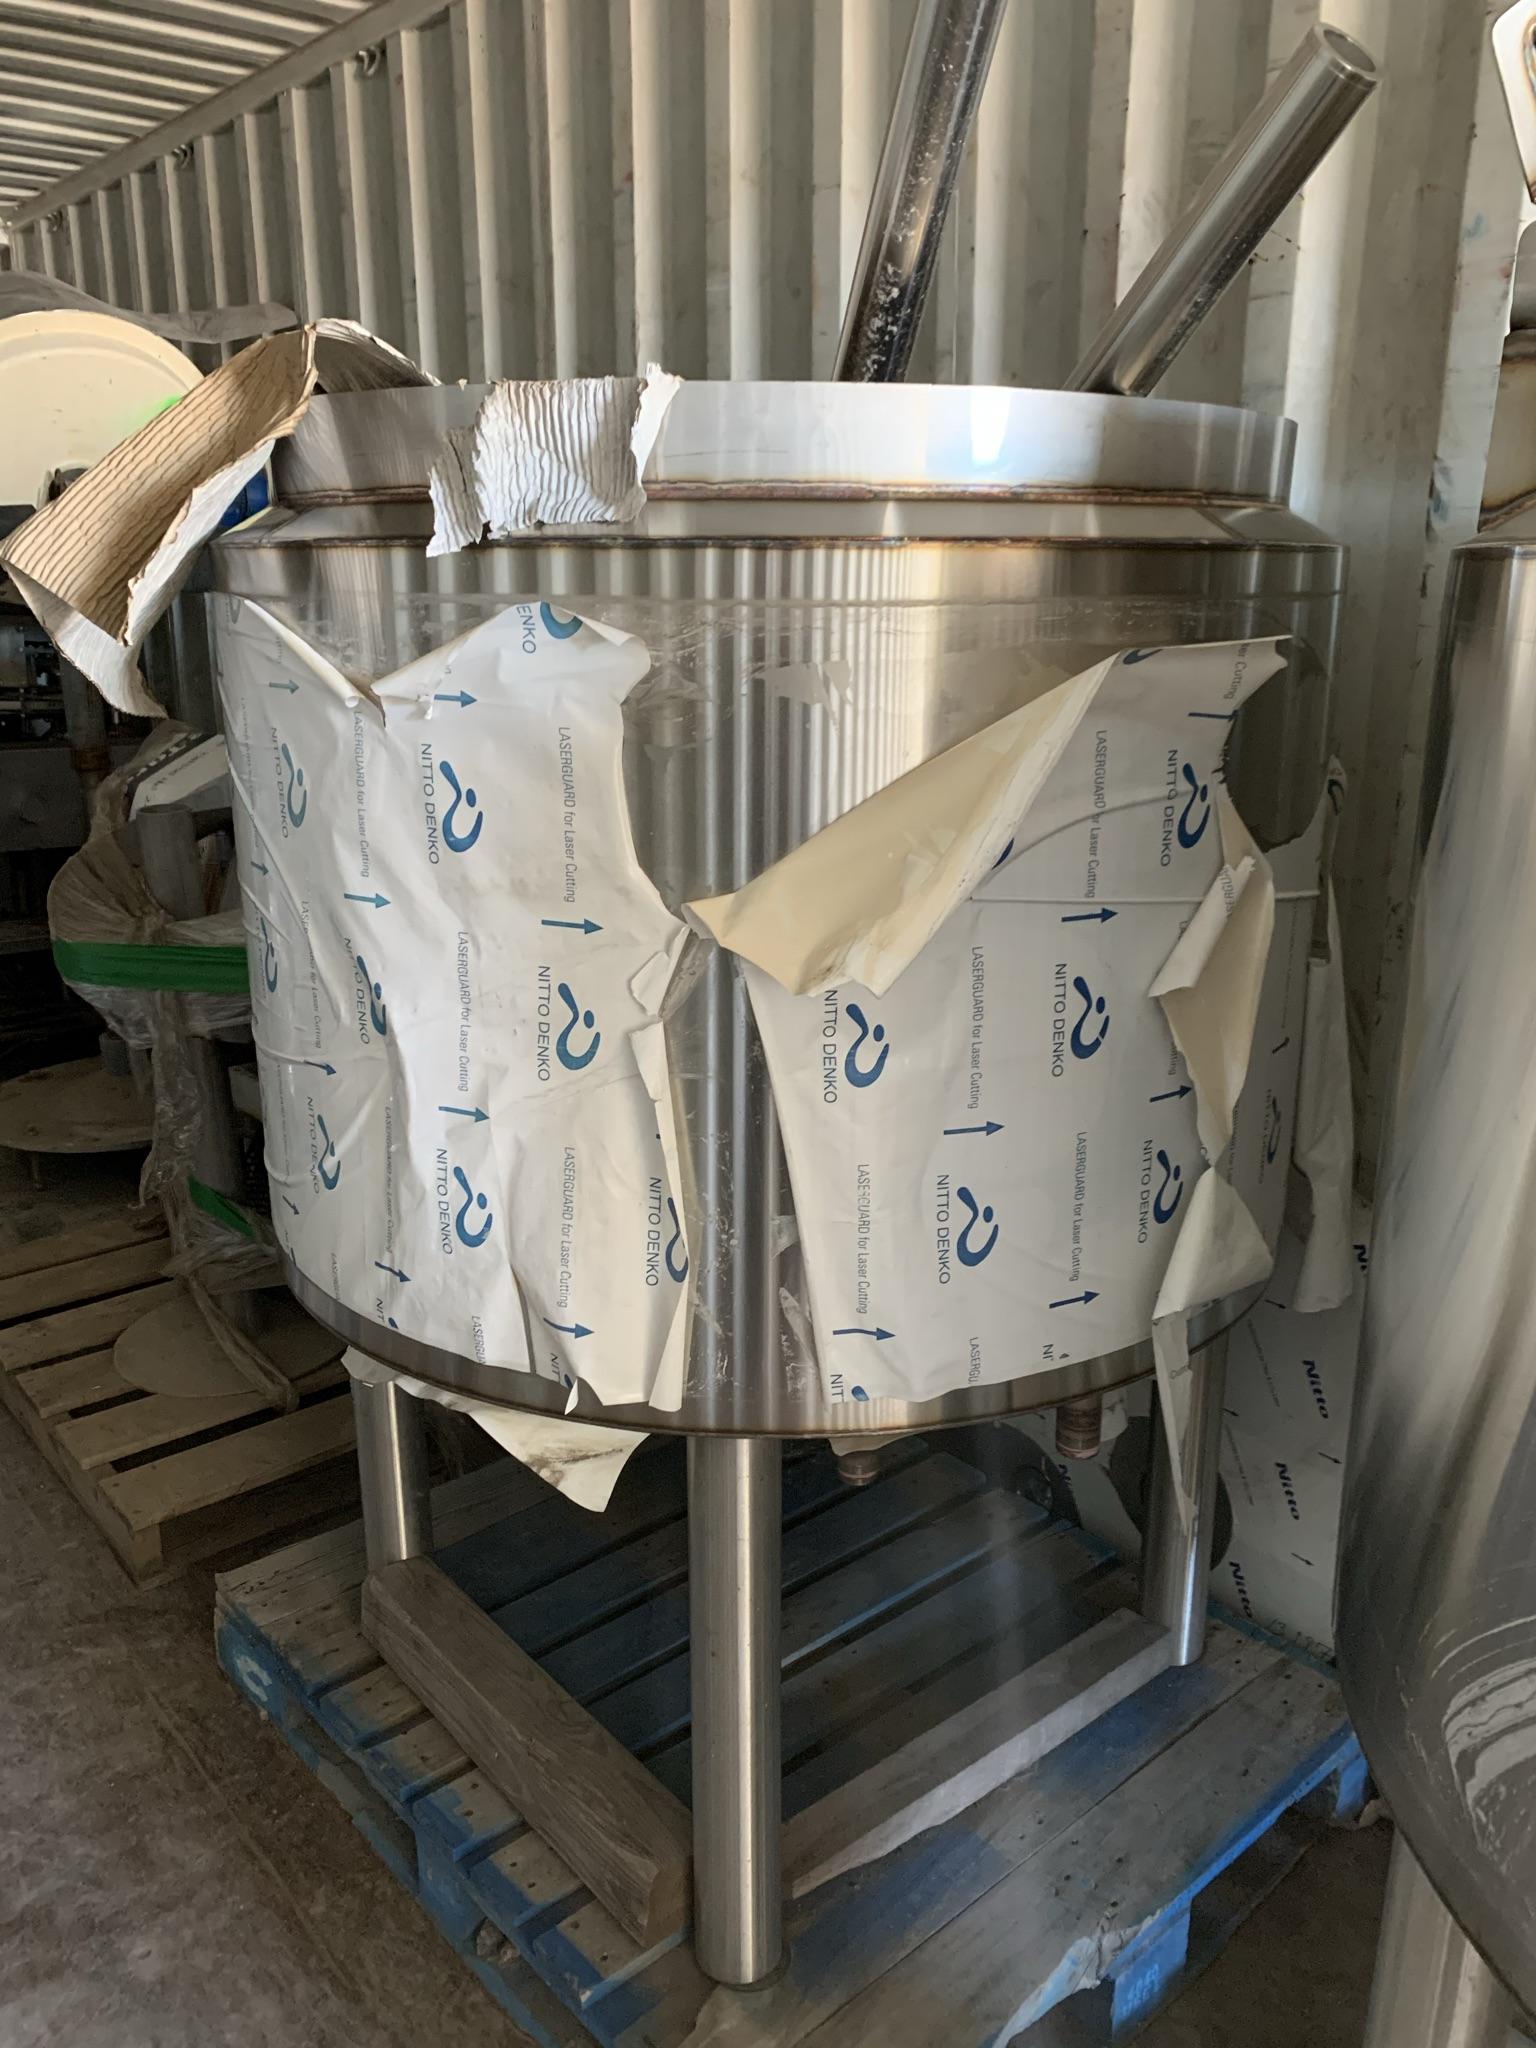 Cuiseurs neufs non terminés 600 litres